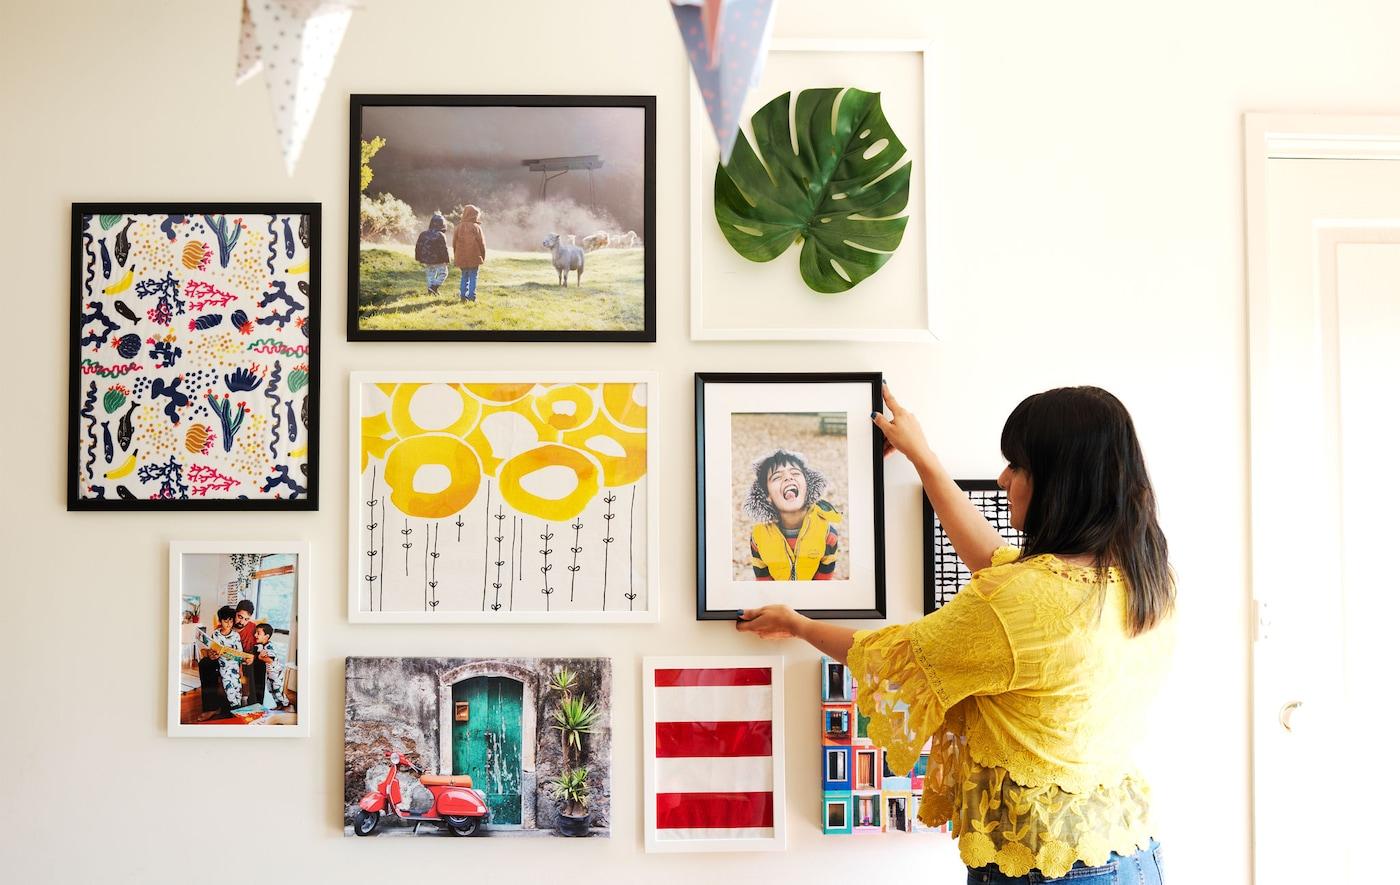 عبير تضع صورة بإطار على حائط معرض للصور والأعمال الفنية.